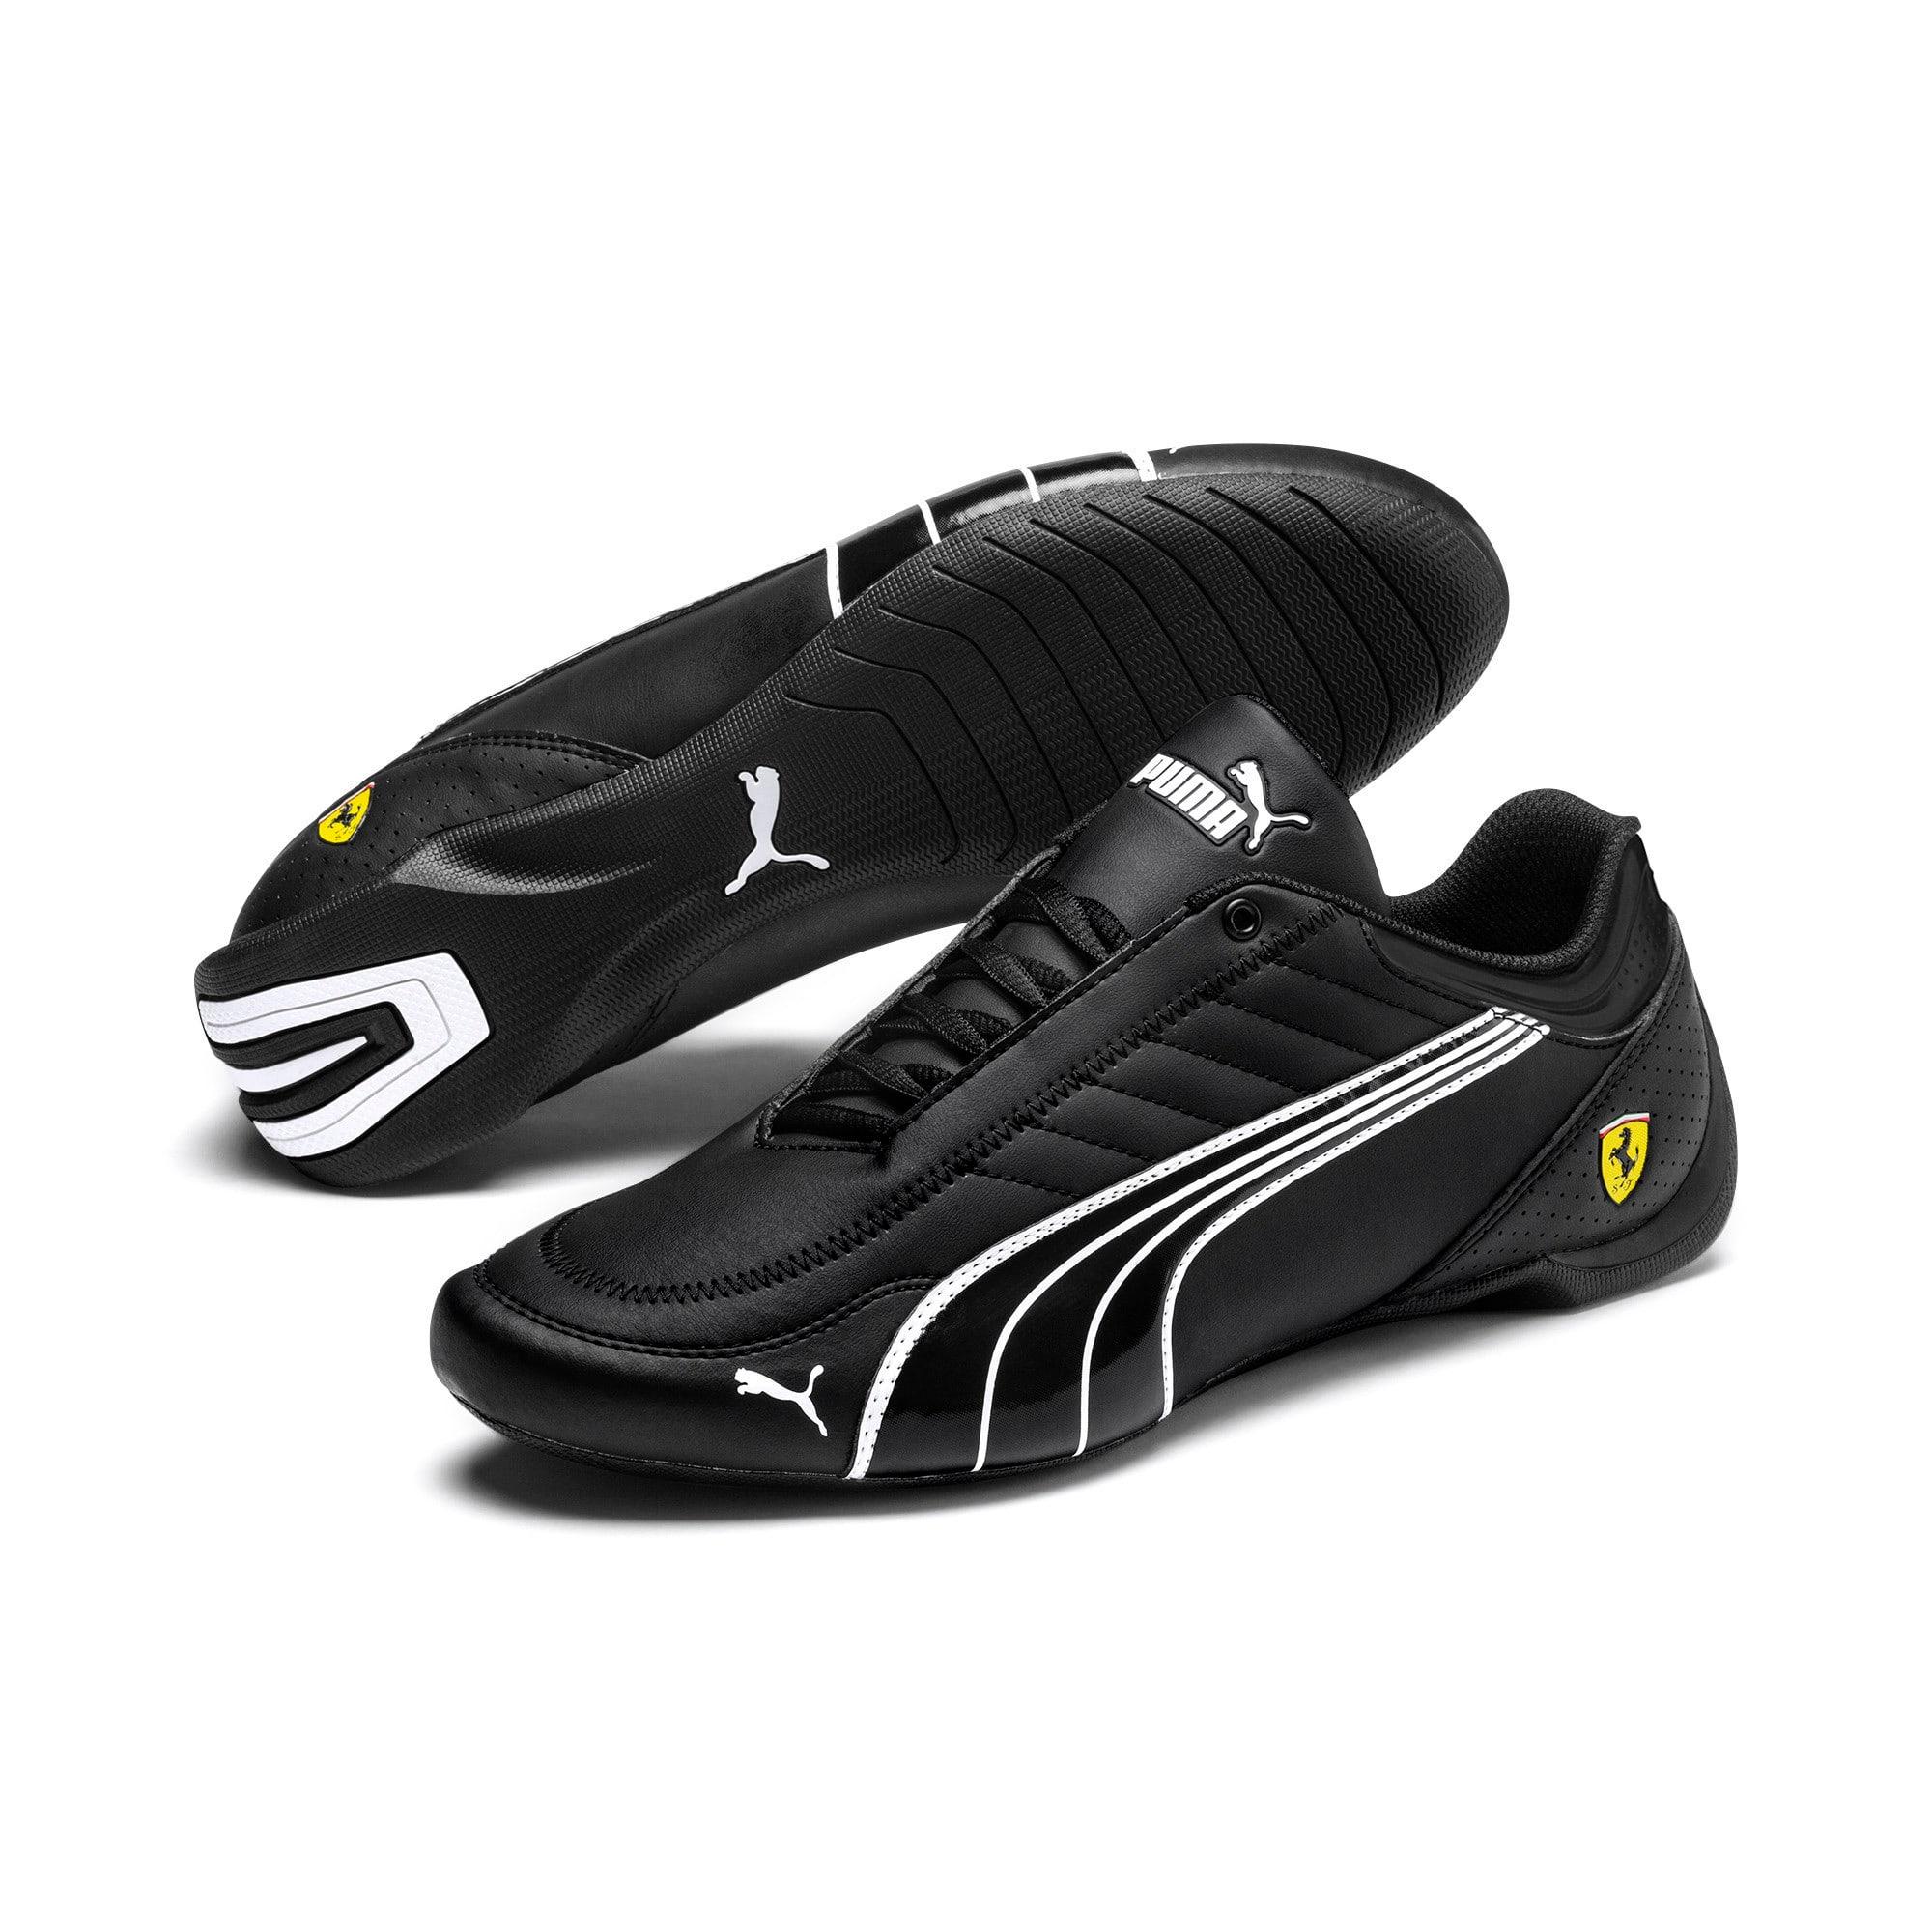 Miniatura 3 de ZapatosScuderiaFerrariFuture Kart Cat, Black-Puma White-Rosso Corsa, mediano